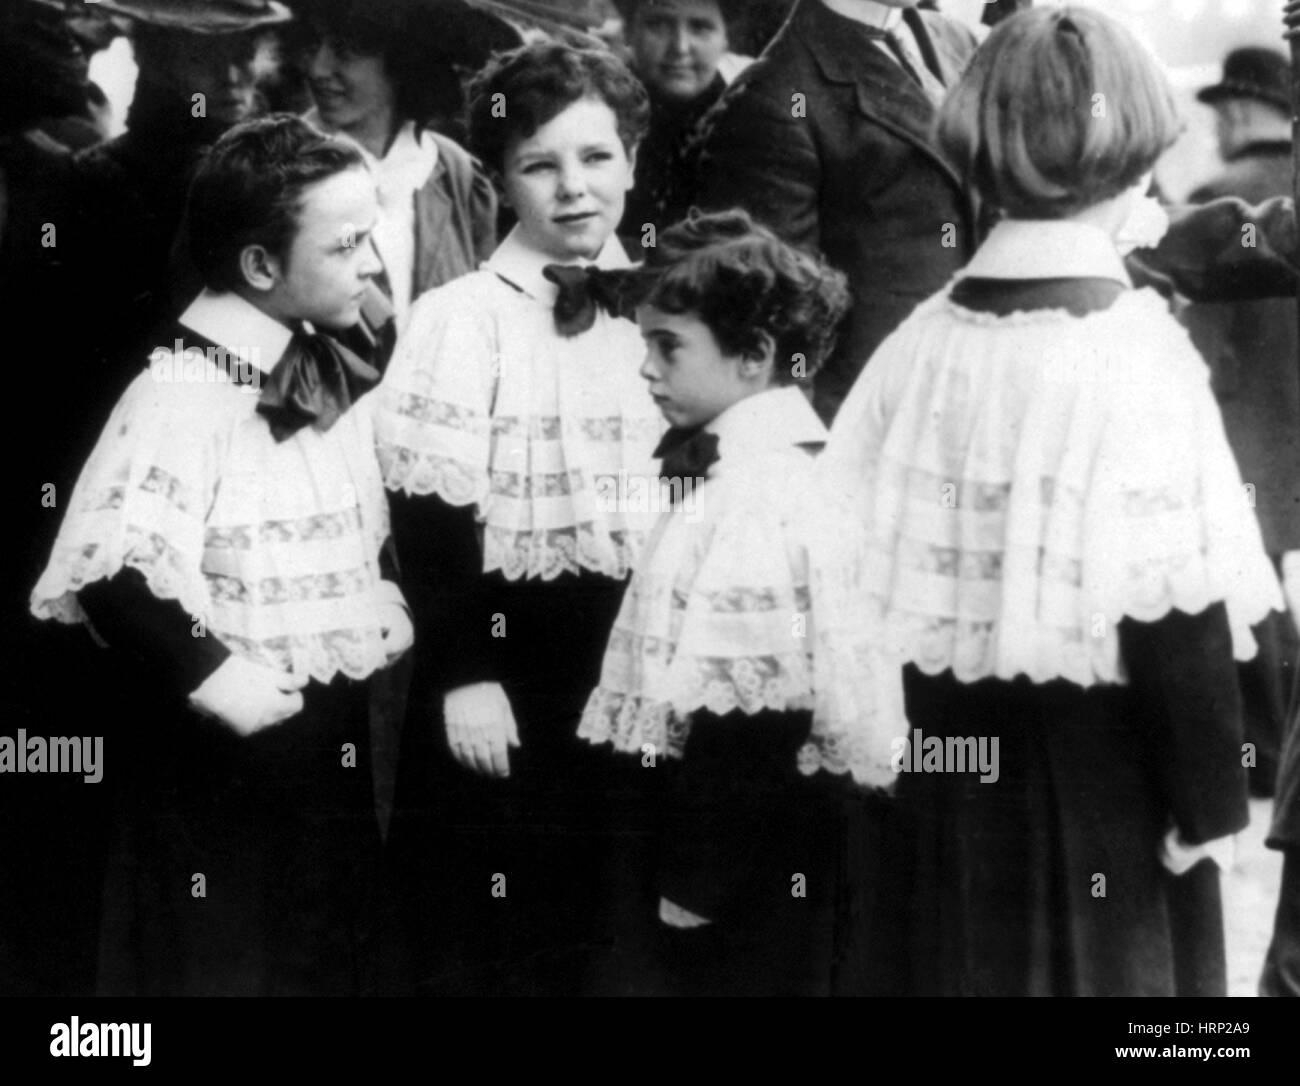 Choirboys, Siglo XX Imagen De Stock